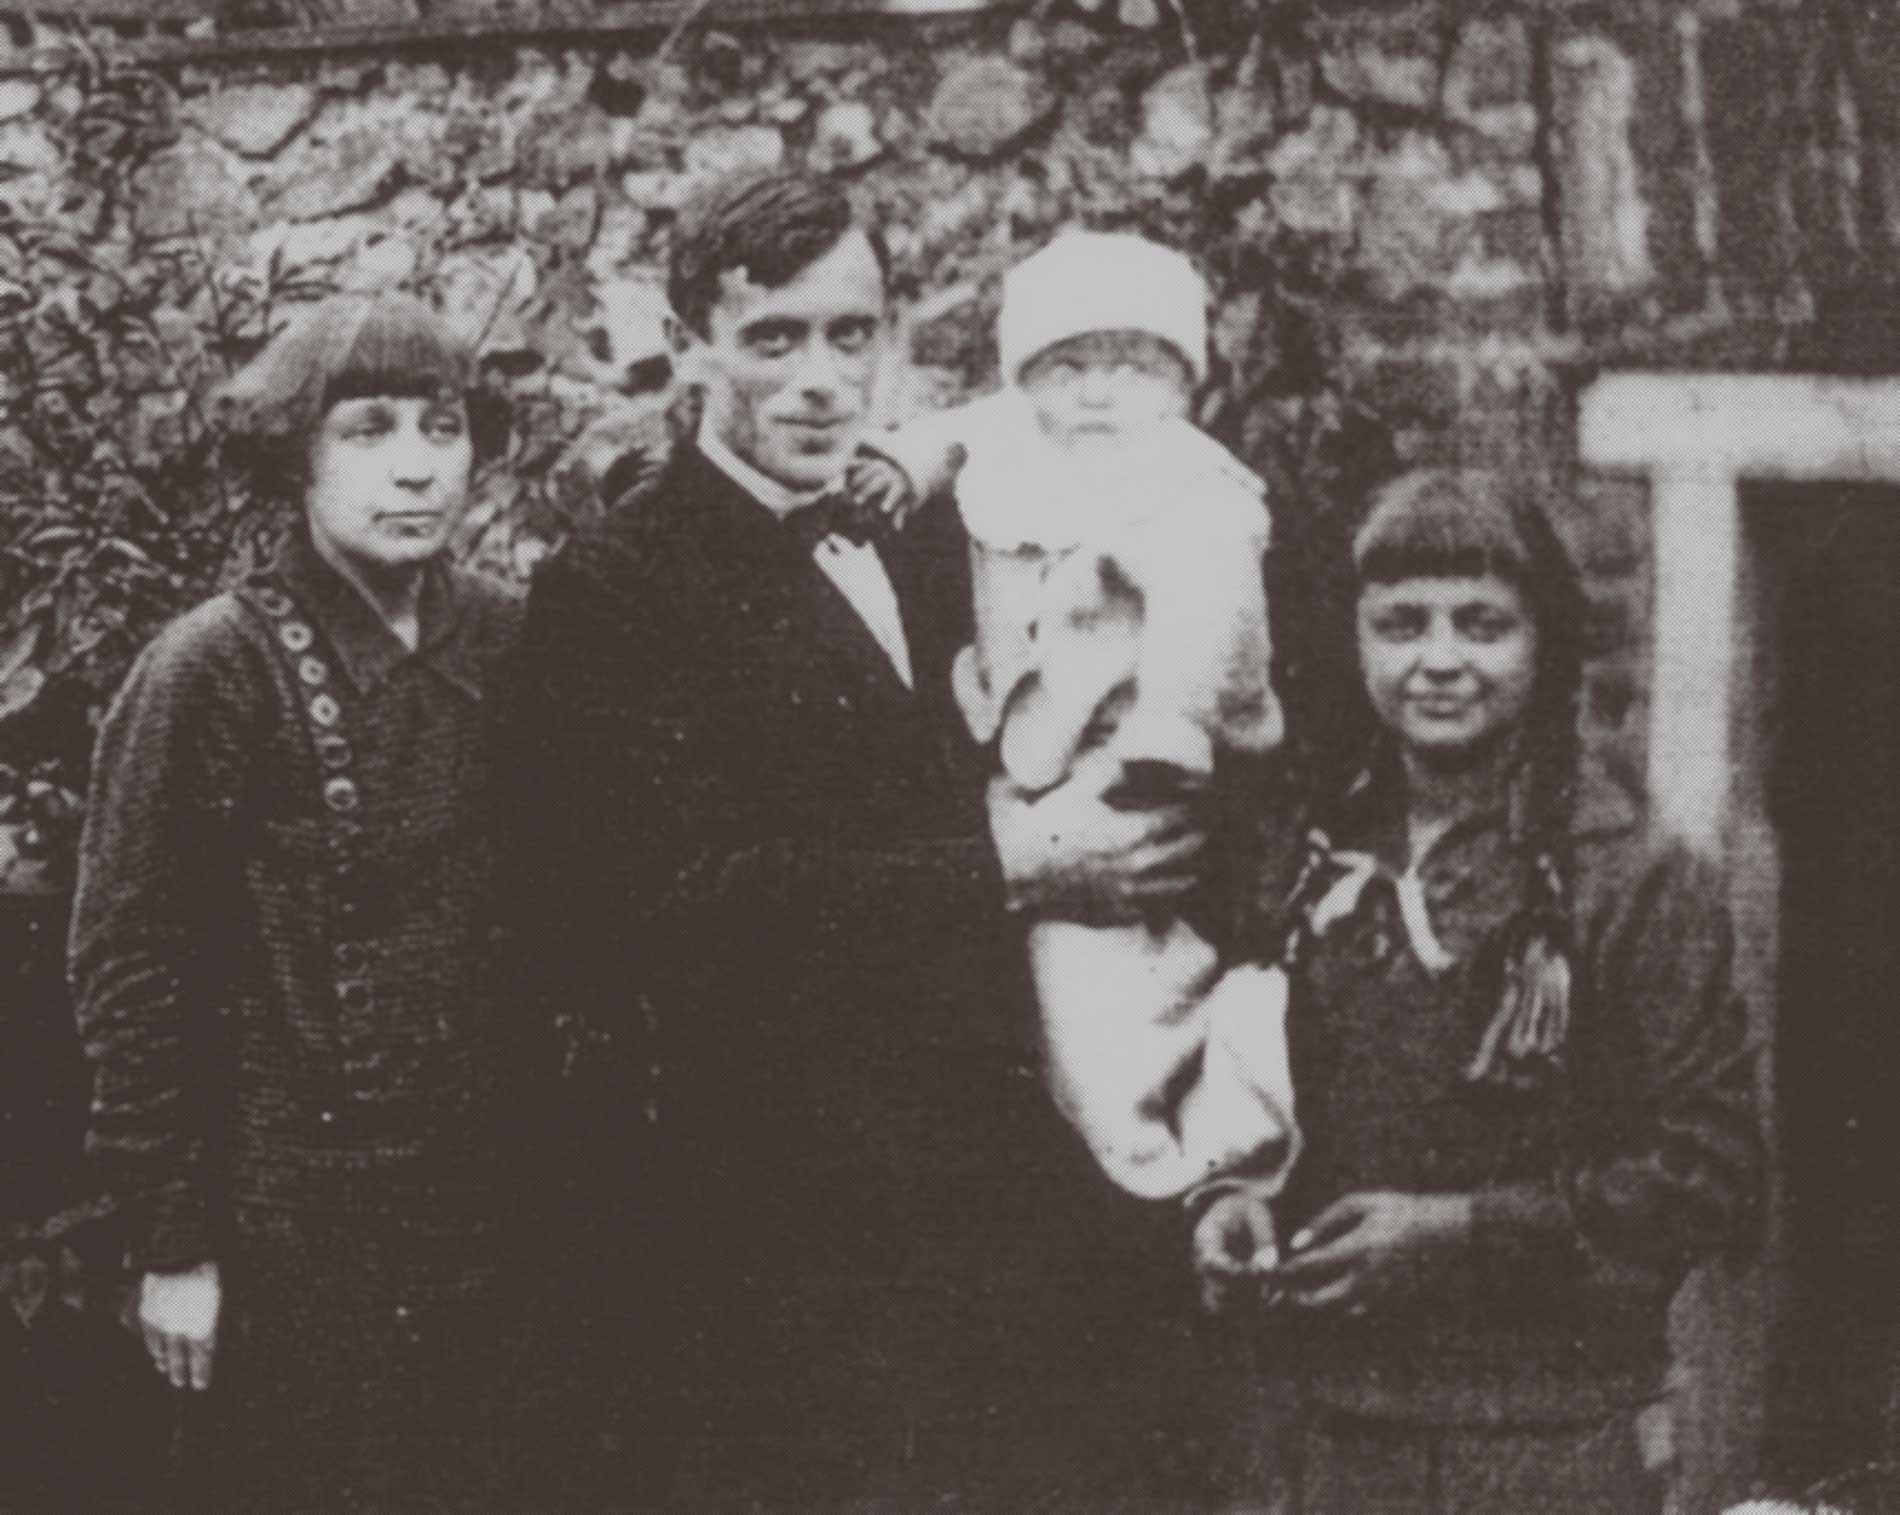 Marina Tsvetaeva with husband and children in Prague